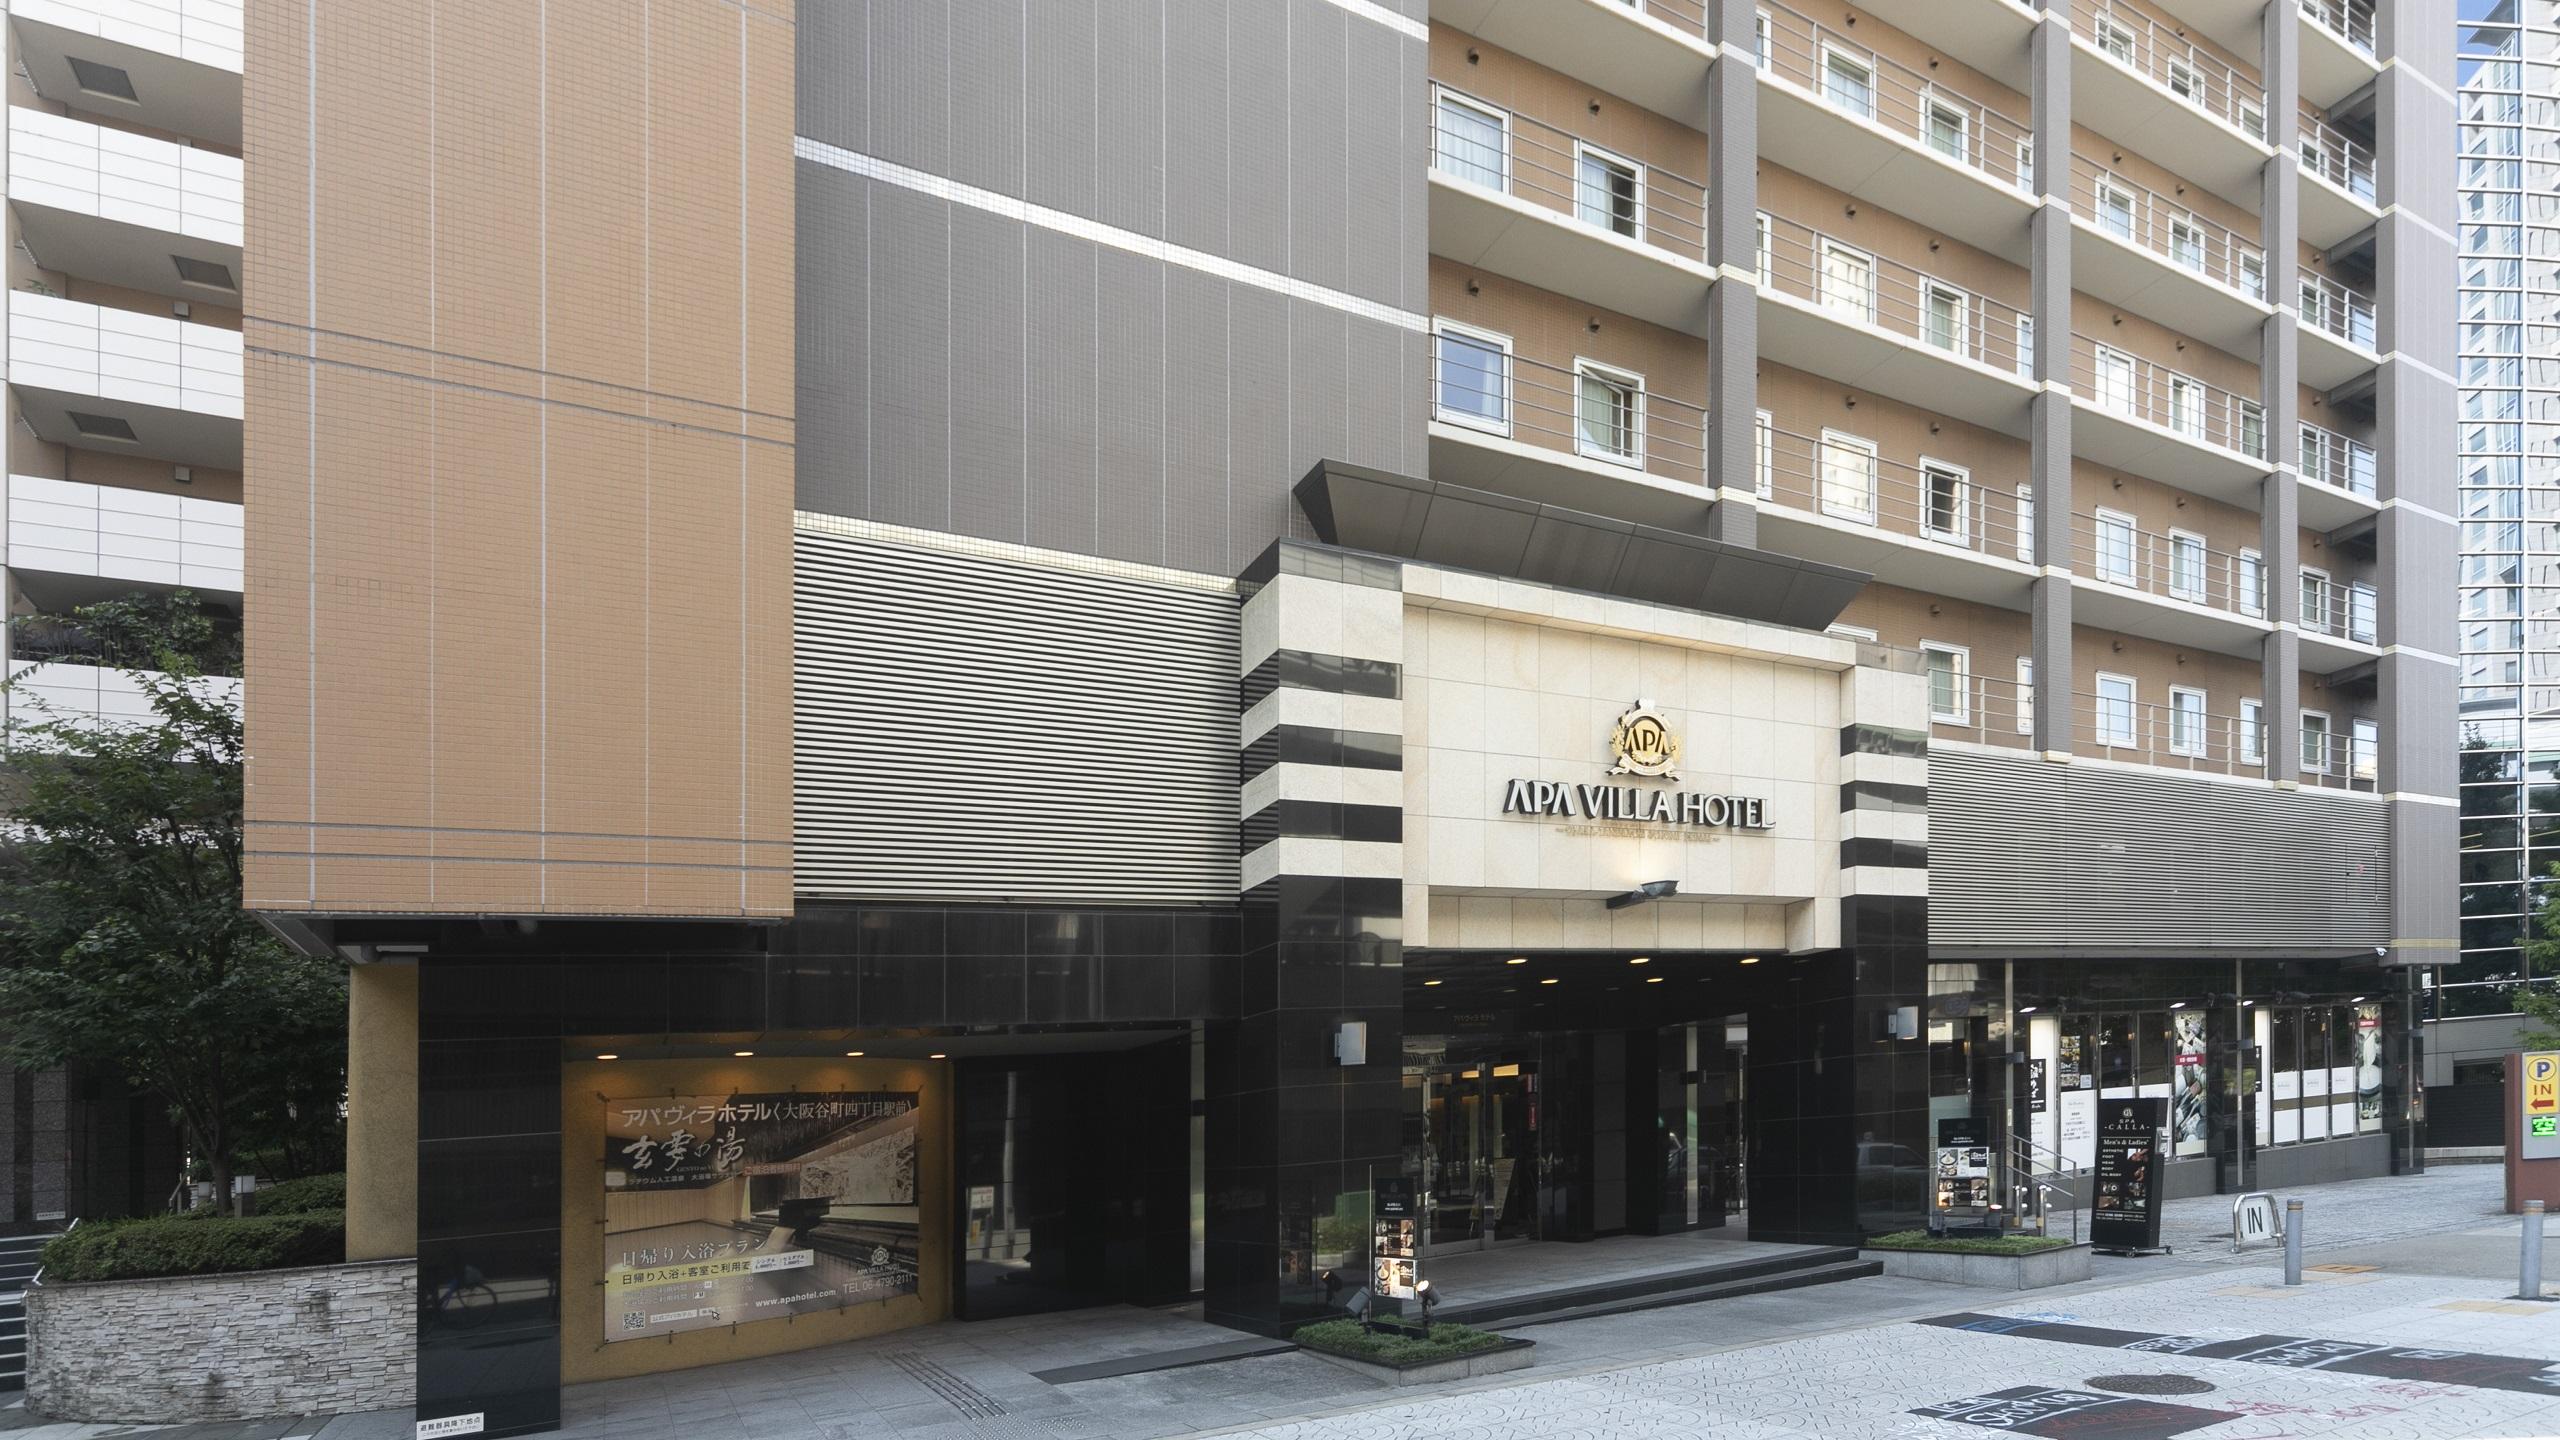 アパヴィラホテル 大阪谷町四丁目駅前◆楽天トラベル